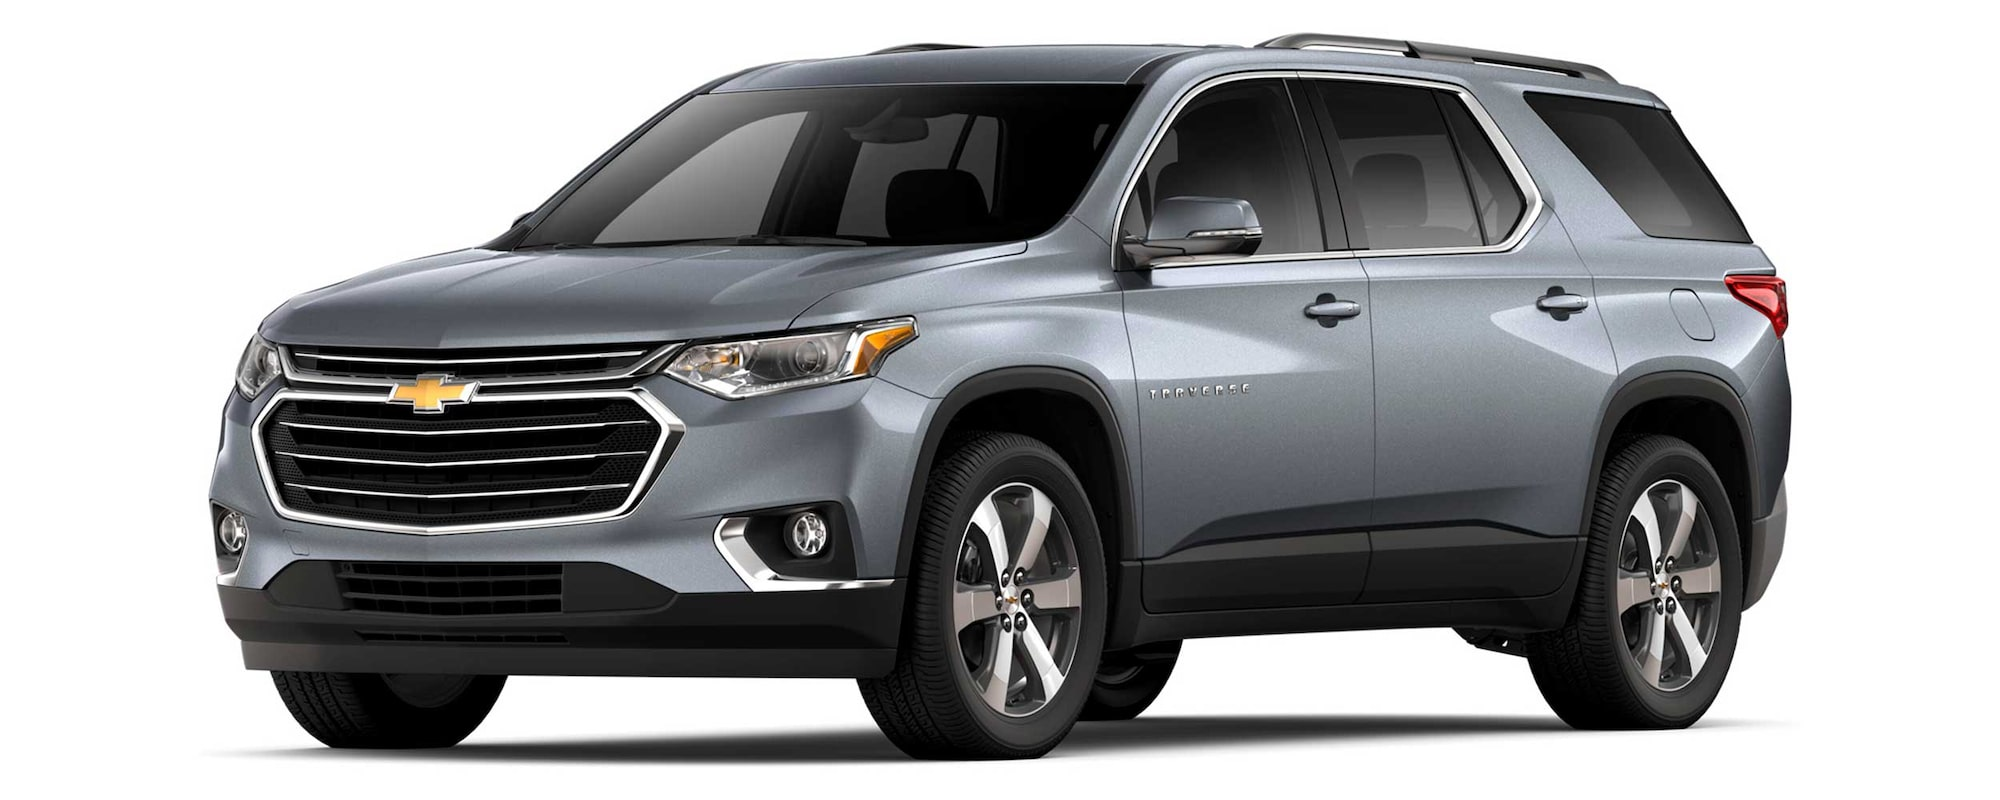 Chevrolet Traverse 2020, camioneta familiar, con faros frontales de Xenón, encendido automático y luces LED de manejo diurno